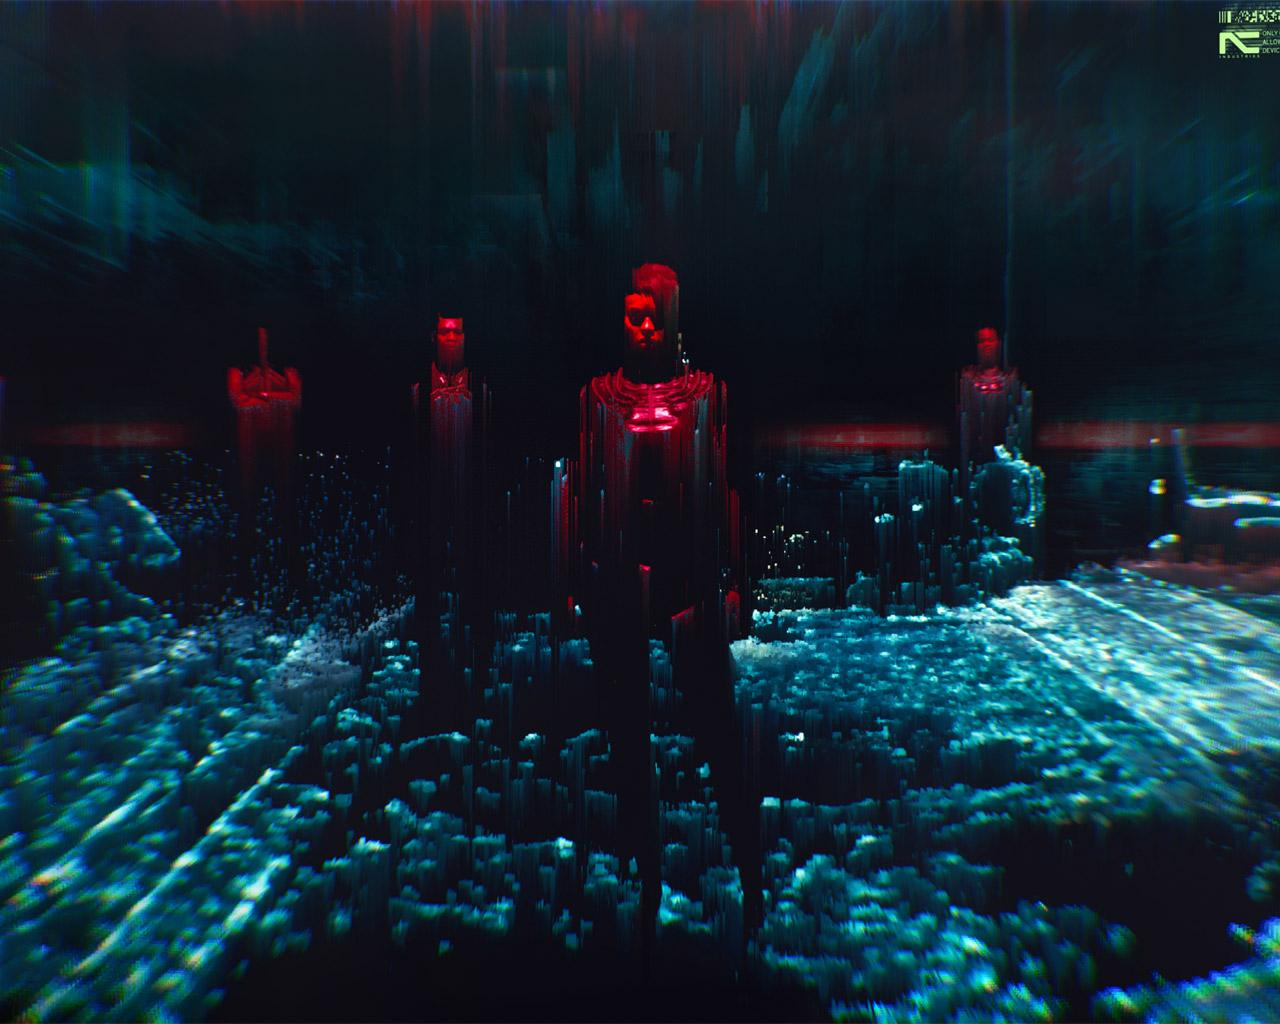 Free Cyberpunk 2077 Wallpaper in 1280x1024